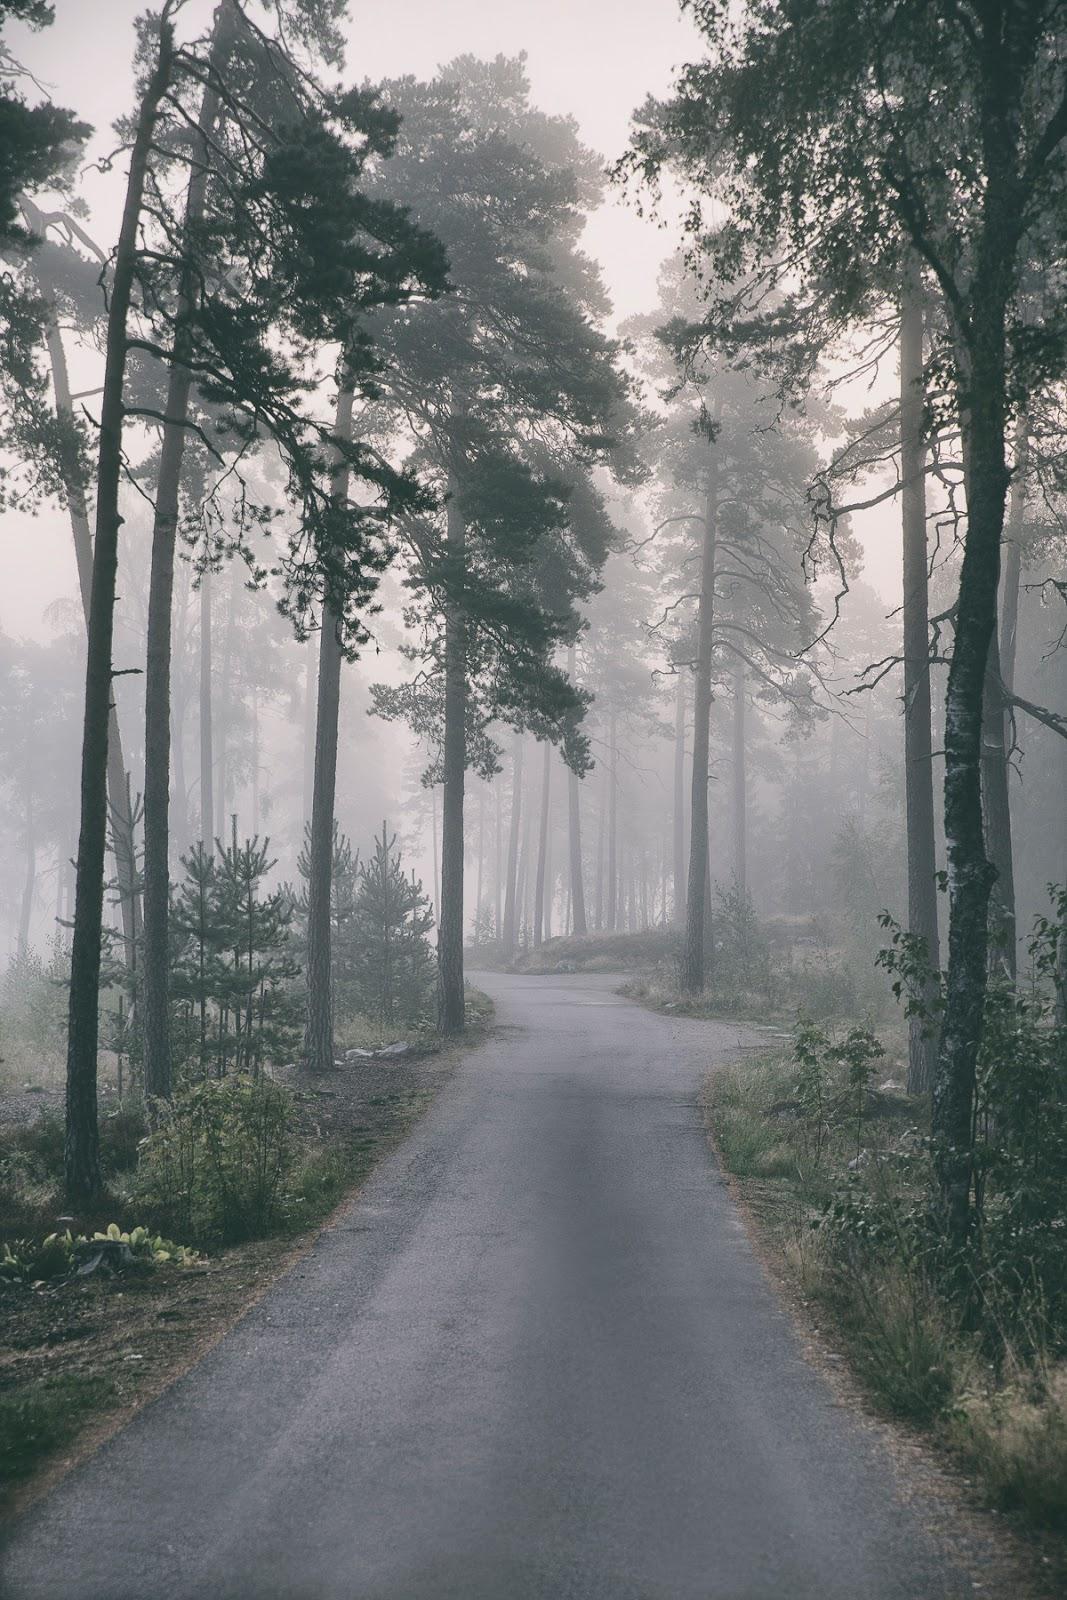 Usva, sumu, aamu, fog, nature, naturephotography, outdoors, outsoorphotography, misty, valokuvaaja, luontokuva, Frida Steiner, photographer, Canon, Visualaddict, visualaddictfrida, suomi, finland, visitfinland, finlandphotolovers, uusimaa